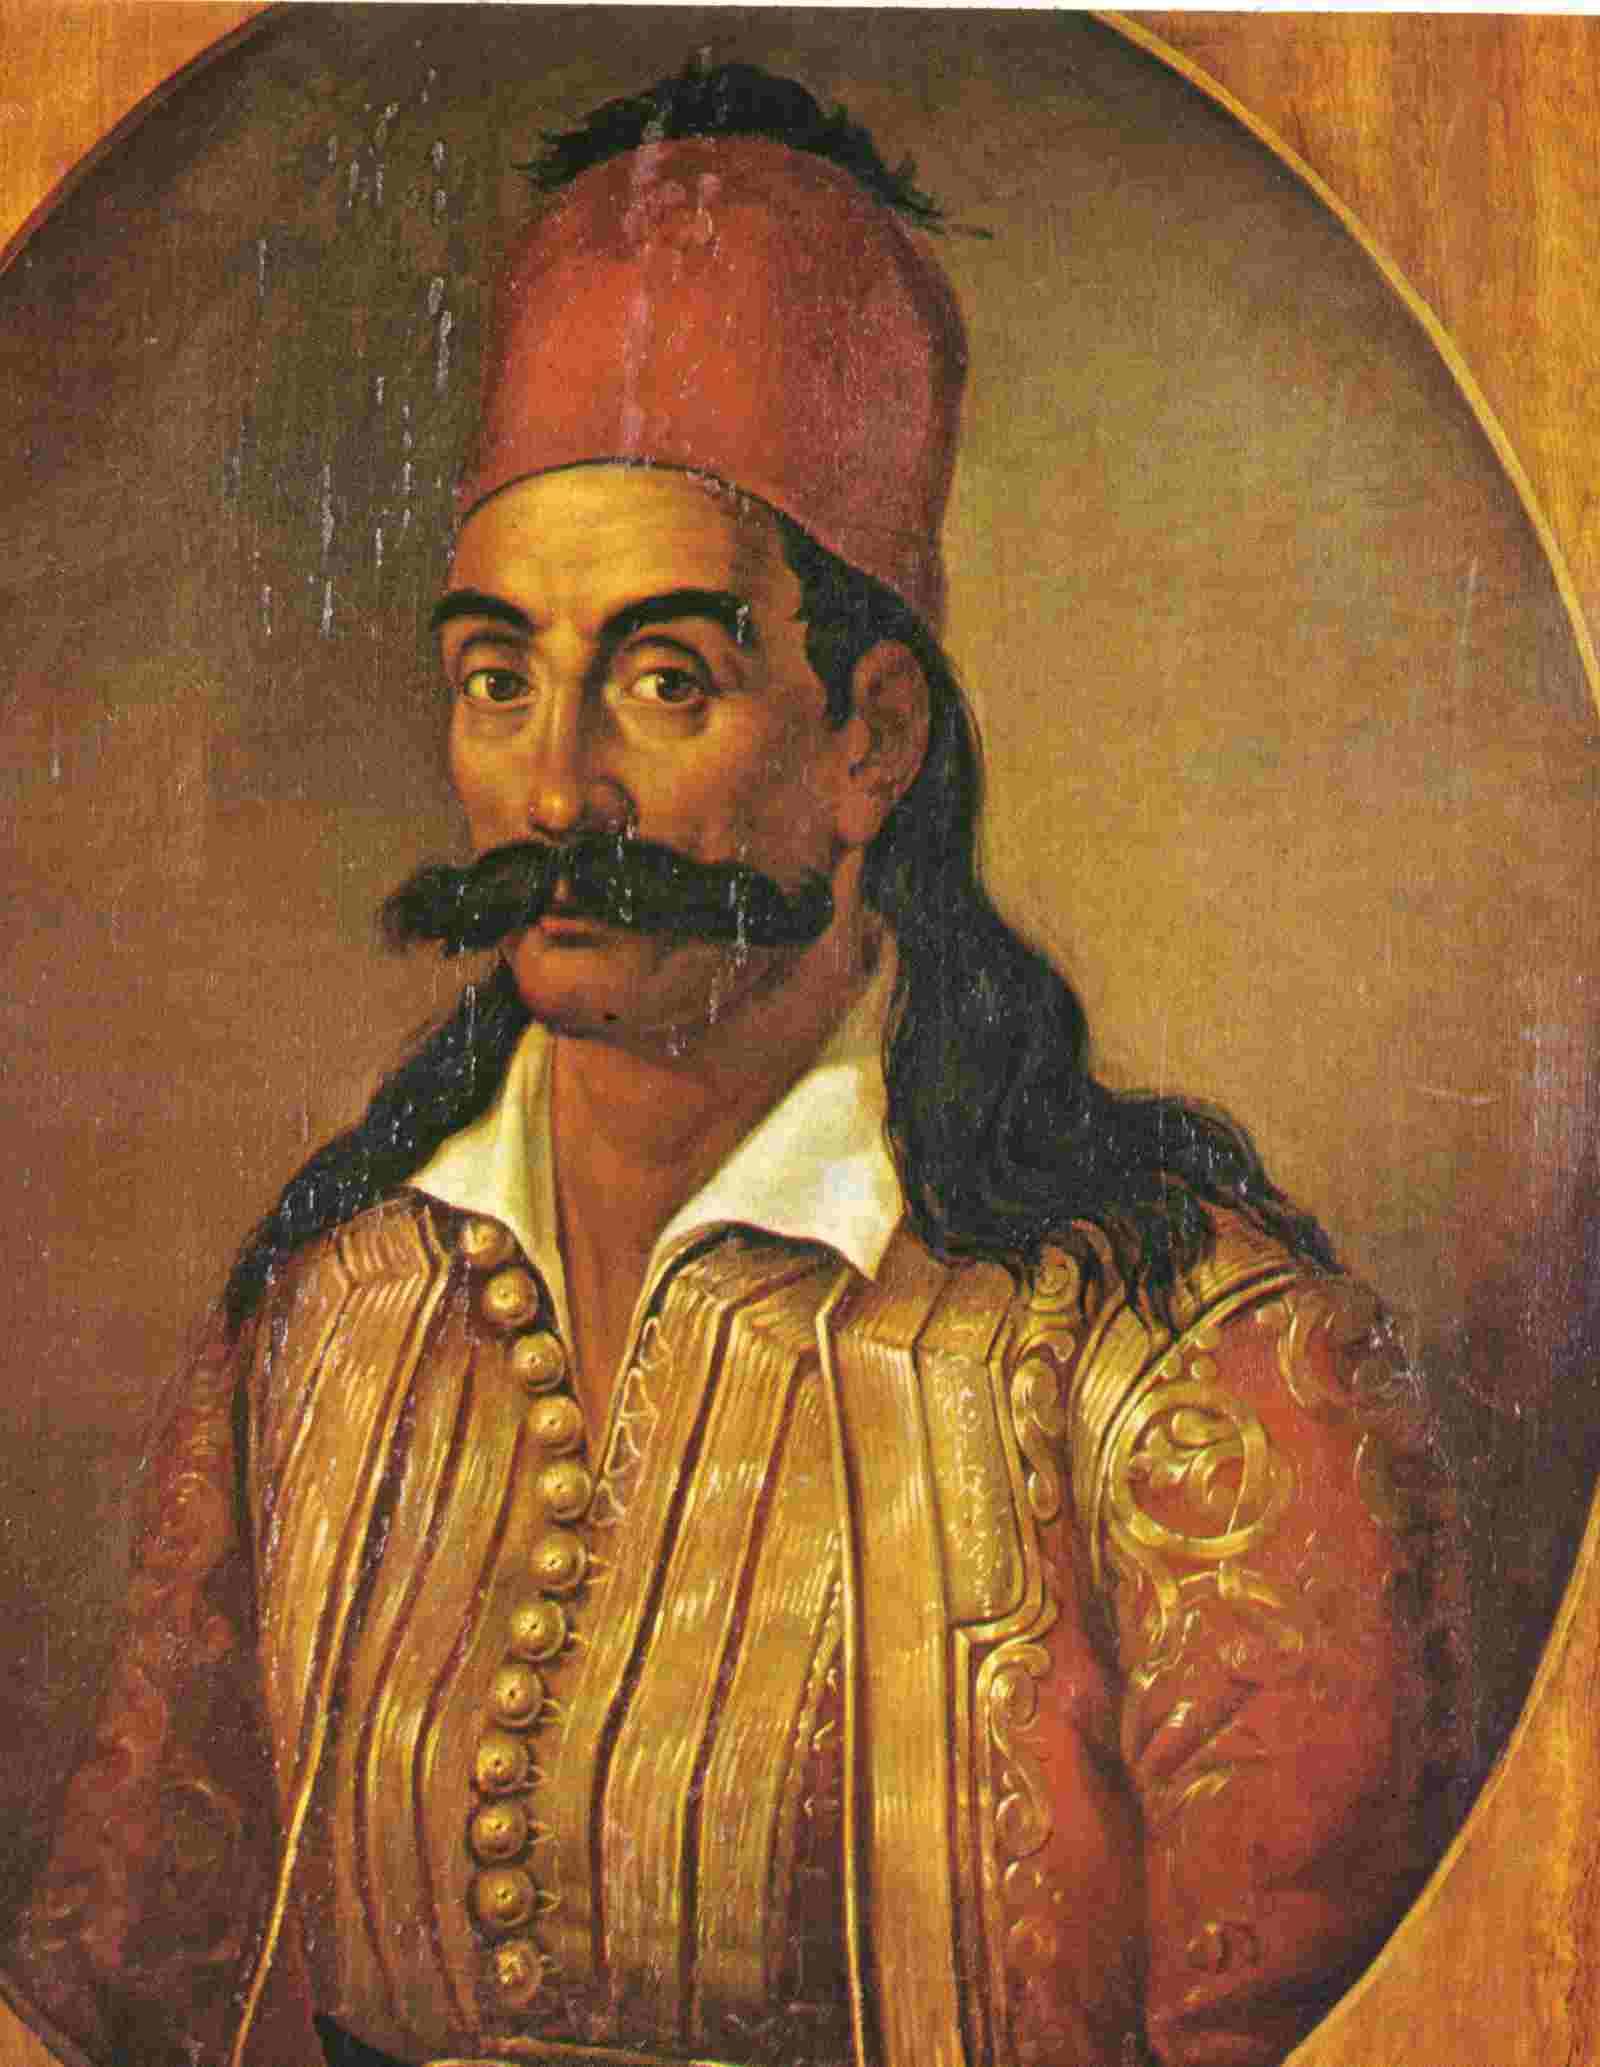 Ο Γεώργιος Καραϊσκάκης ή Καραΐσκος